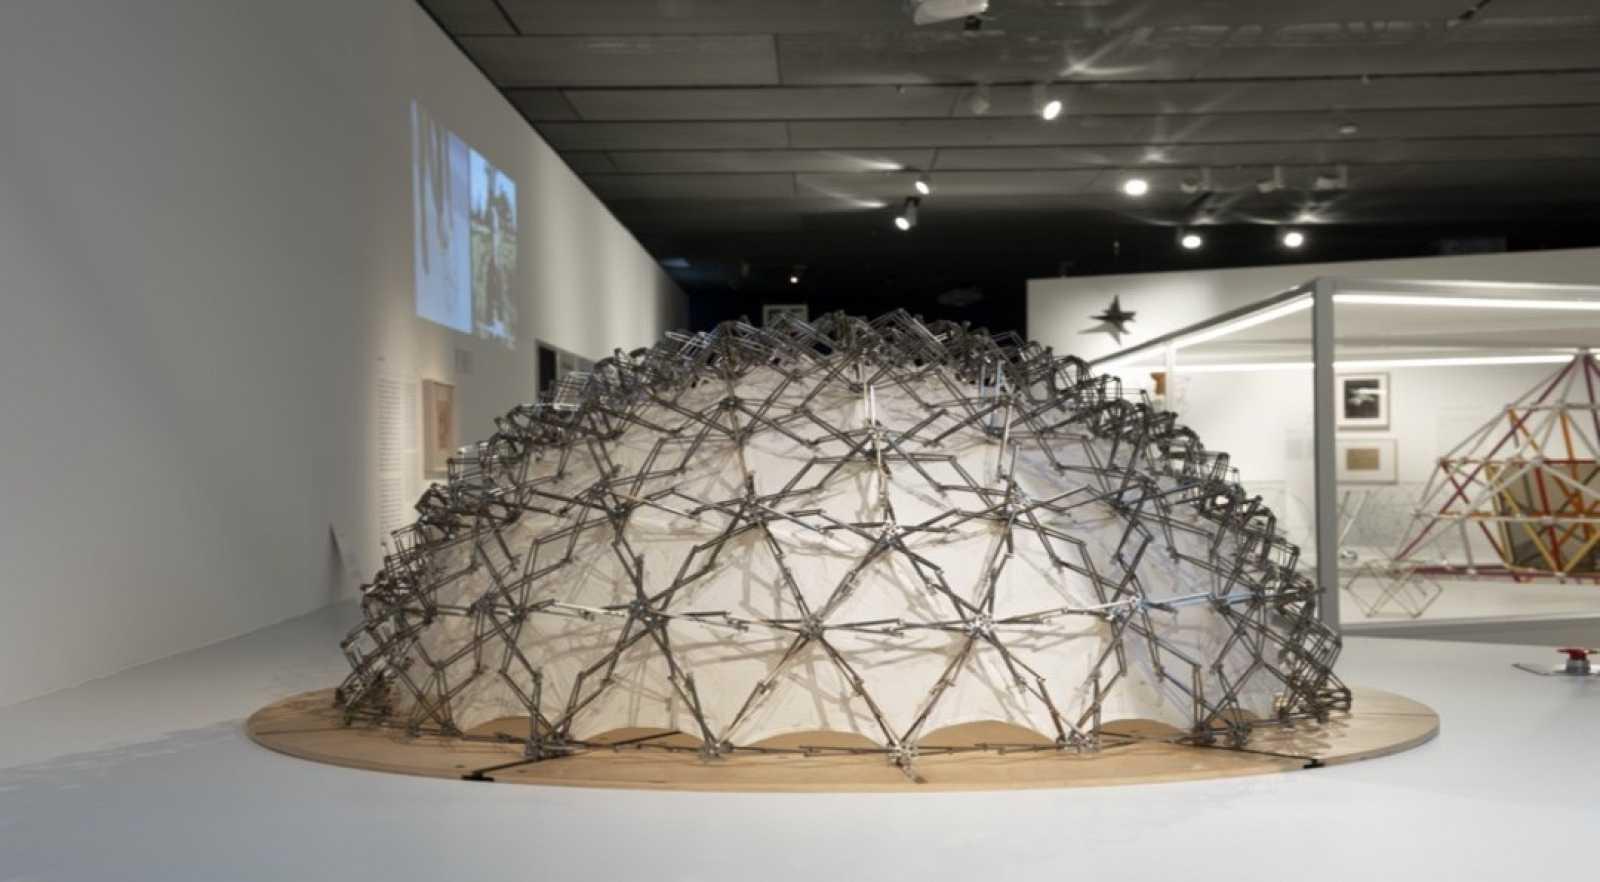 Reserva natural - Fuller: hacer la revolución a través del diseño - 01/04/21 - Escuchar ahora